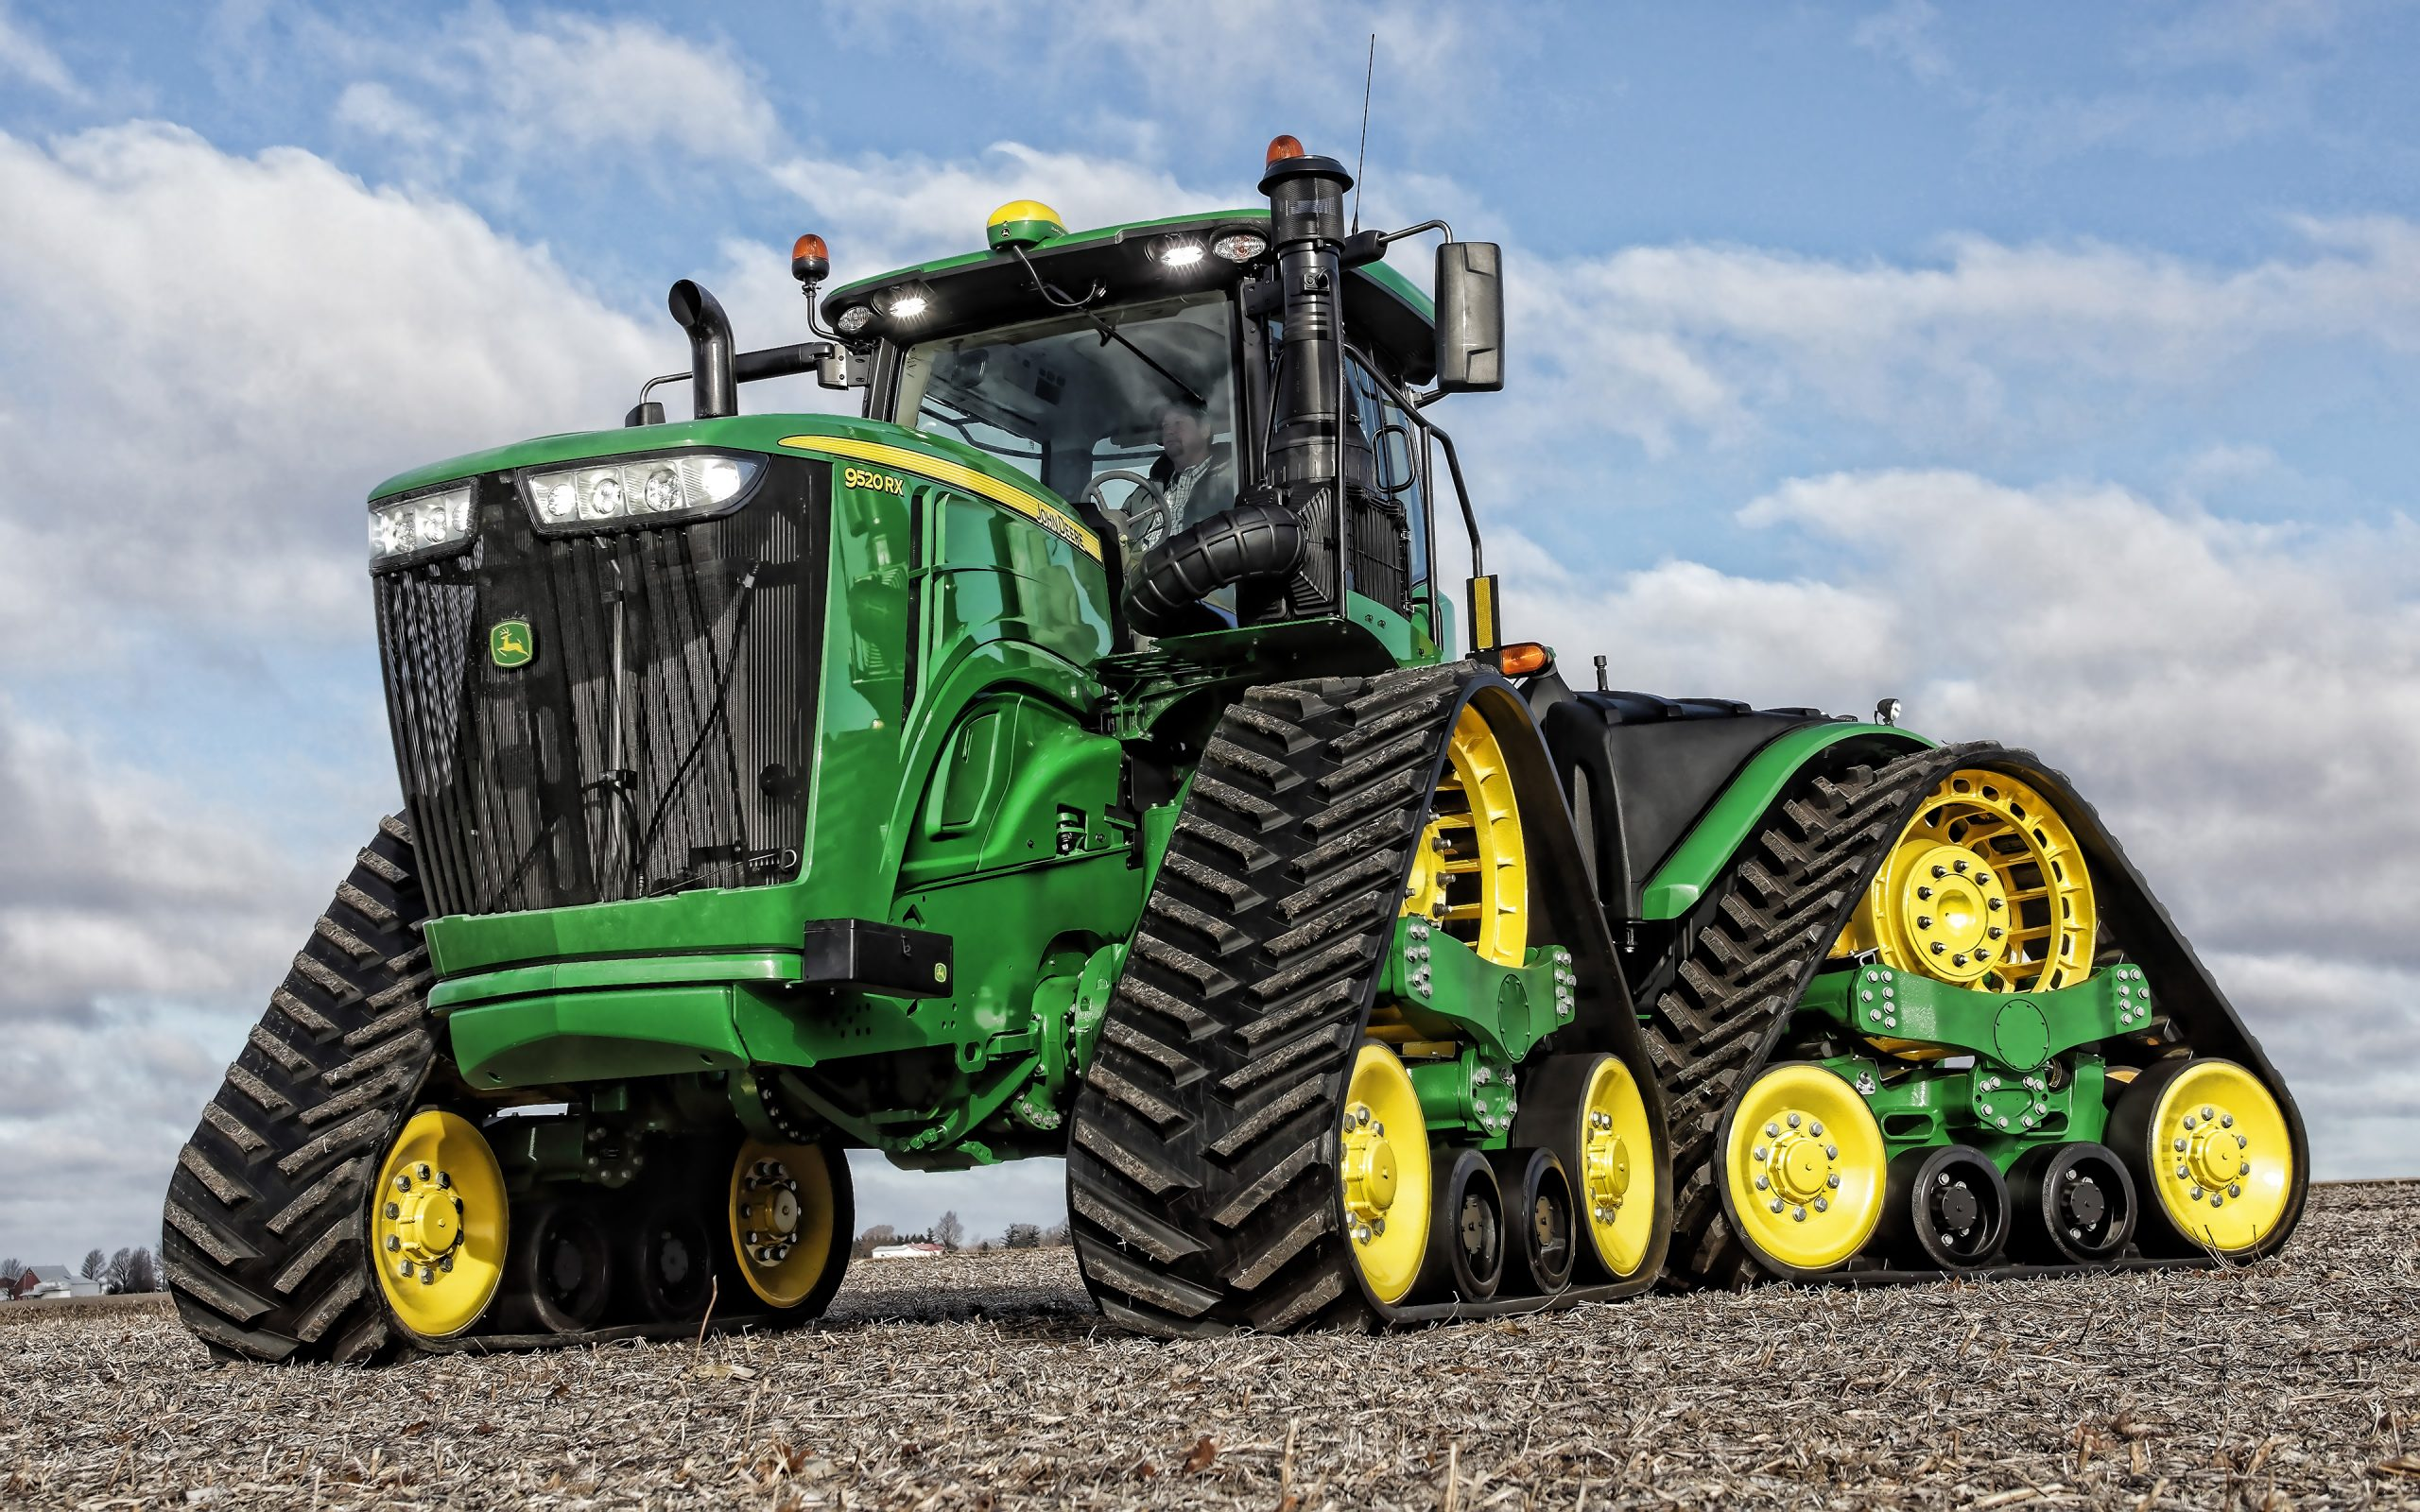 Télécharger Fonds D'écran John Deere 9520Rx, Tracteur À destiné Dessin Animé De Tracteur John Deere